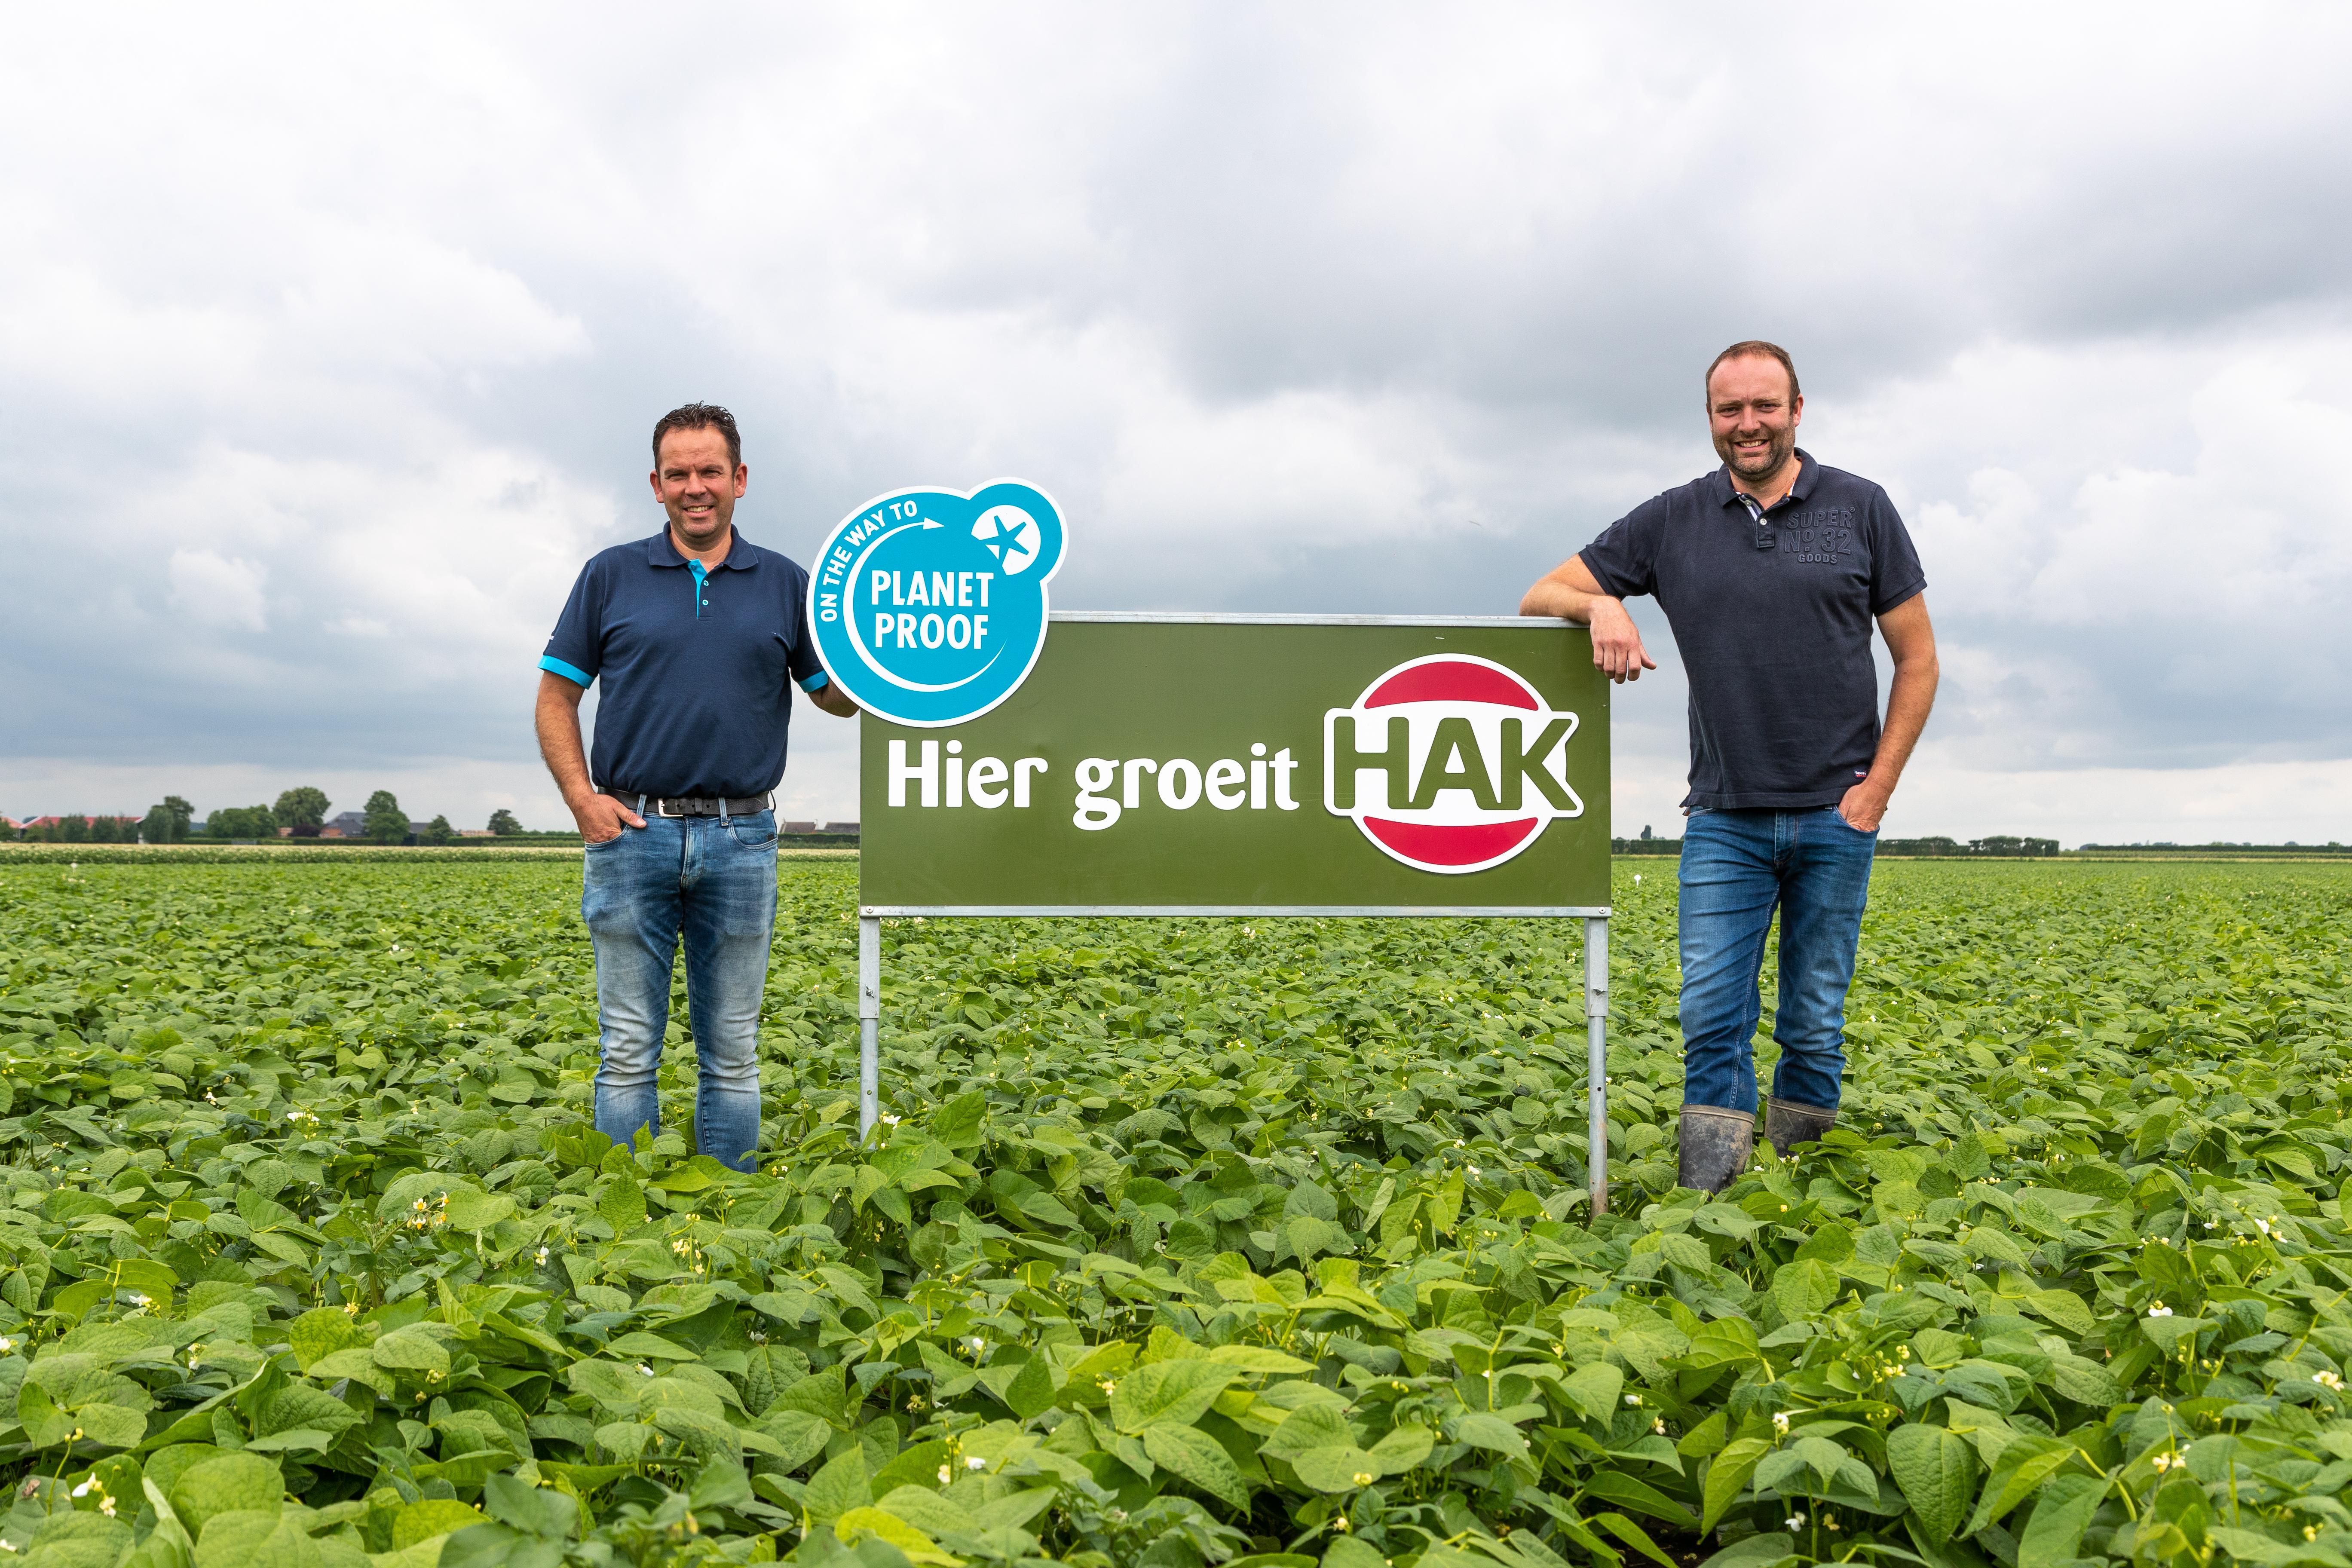 Telers Pieter Pateer en Anne Douwe van der Zee